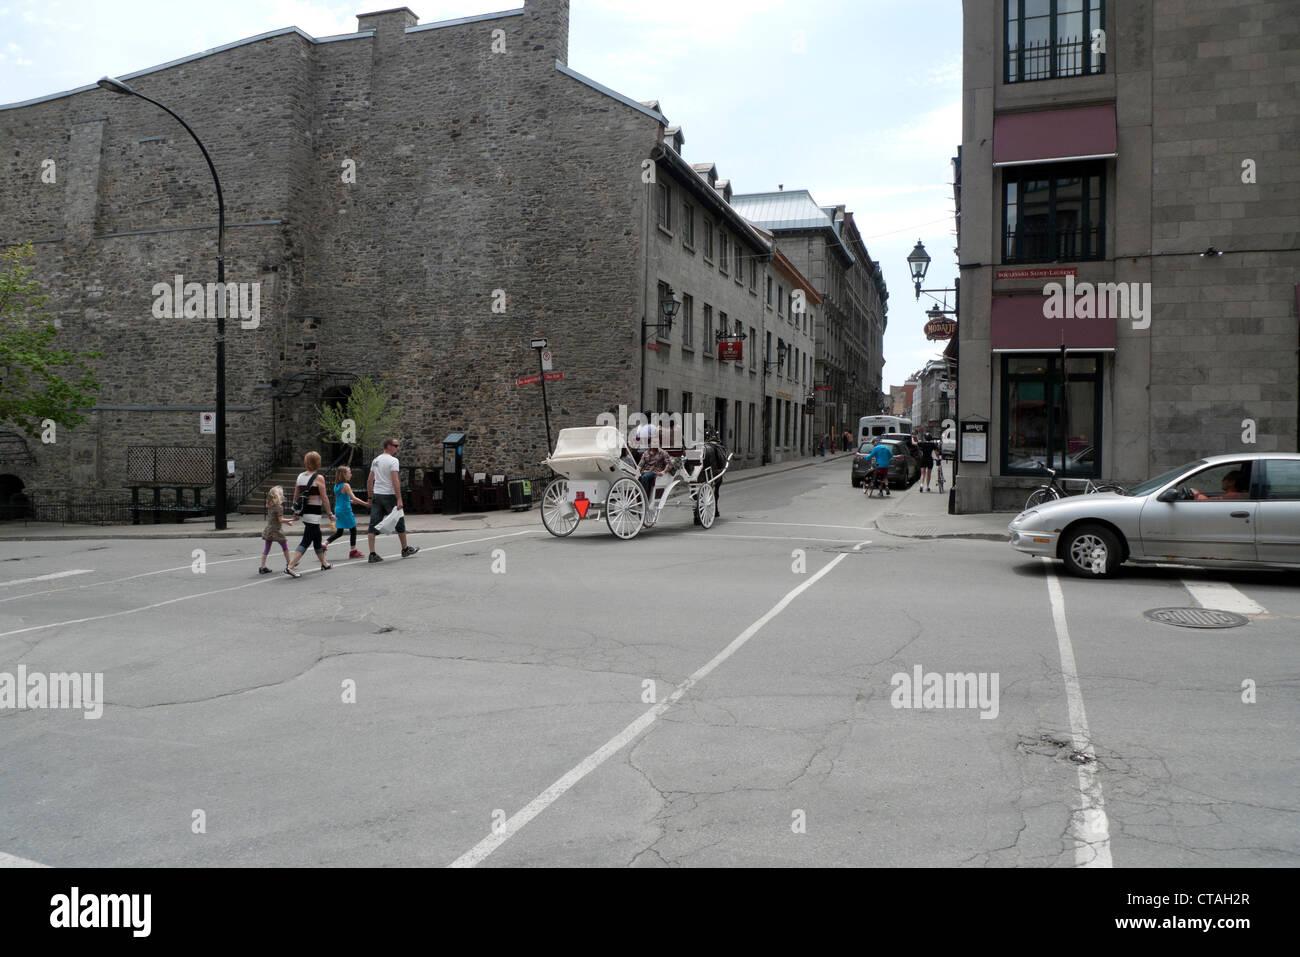 Famiglia attraversando via a Rue Ste. Paolo Est e Boulevard Saint-Laurent con cavallo e carrozza Montreal Québec Immagini Stock